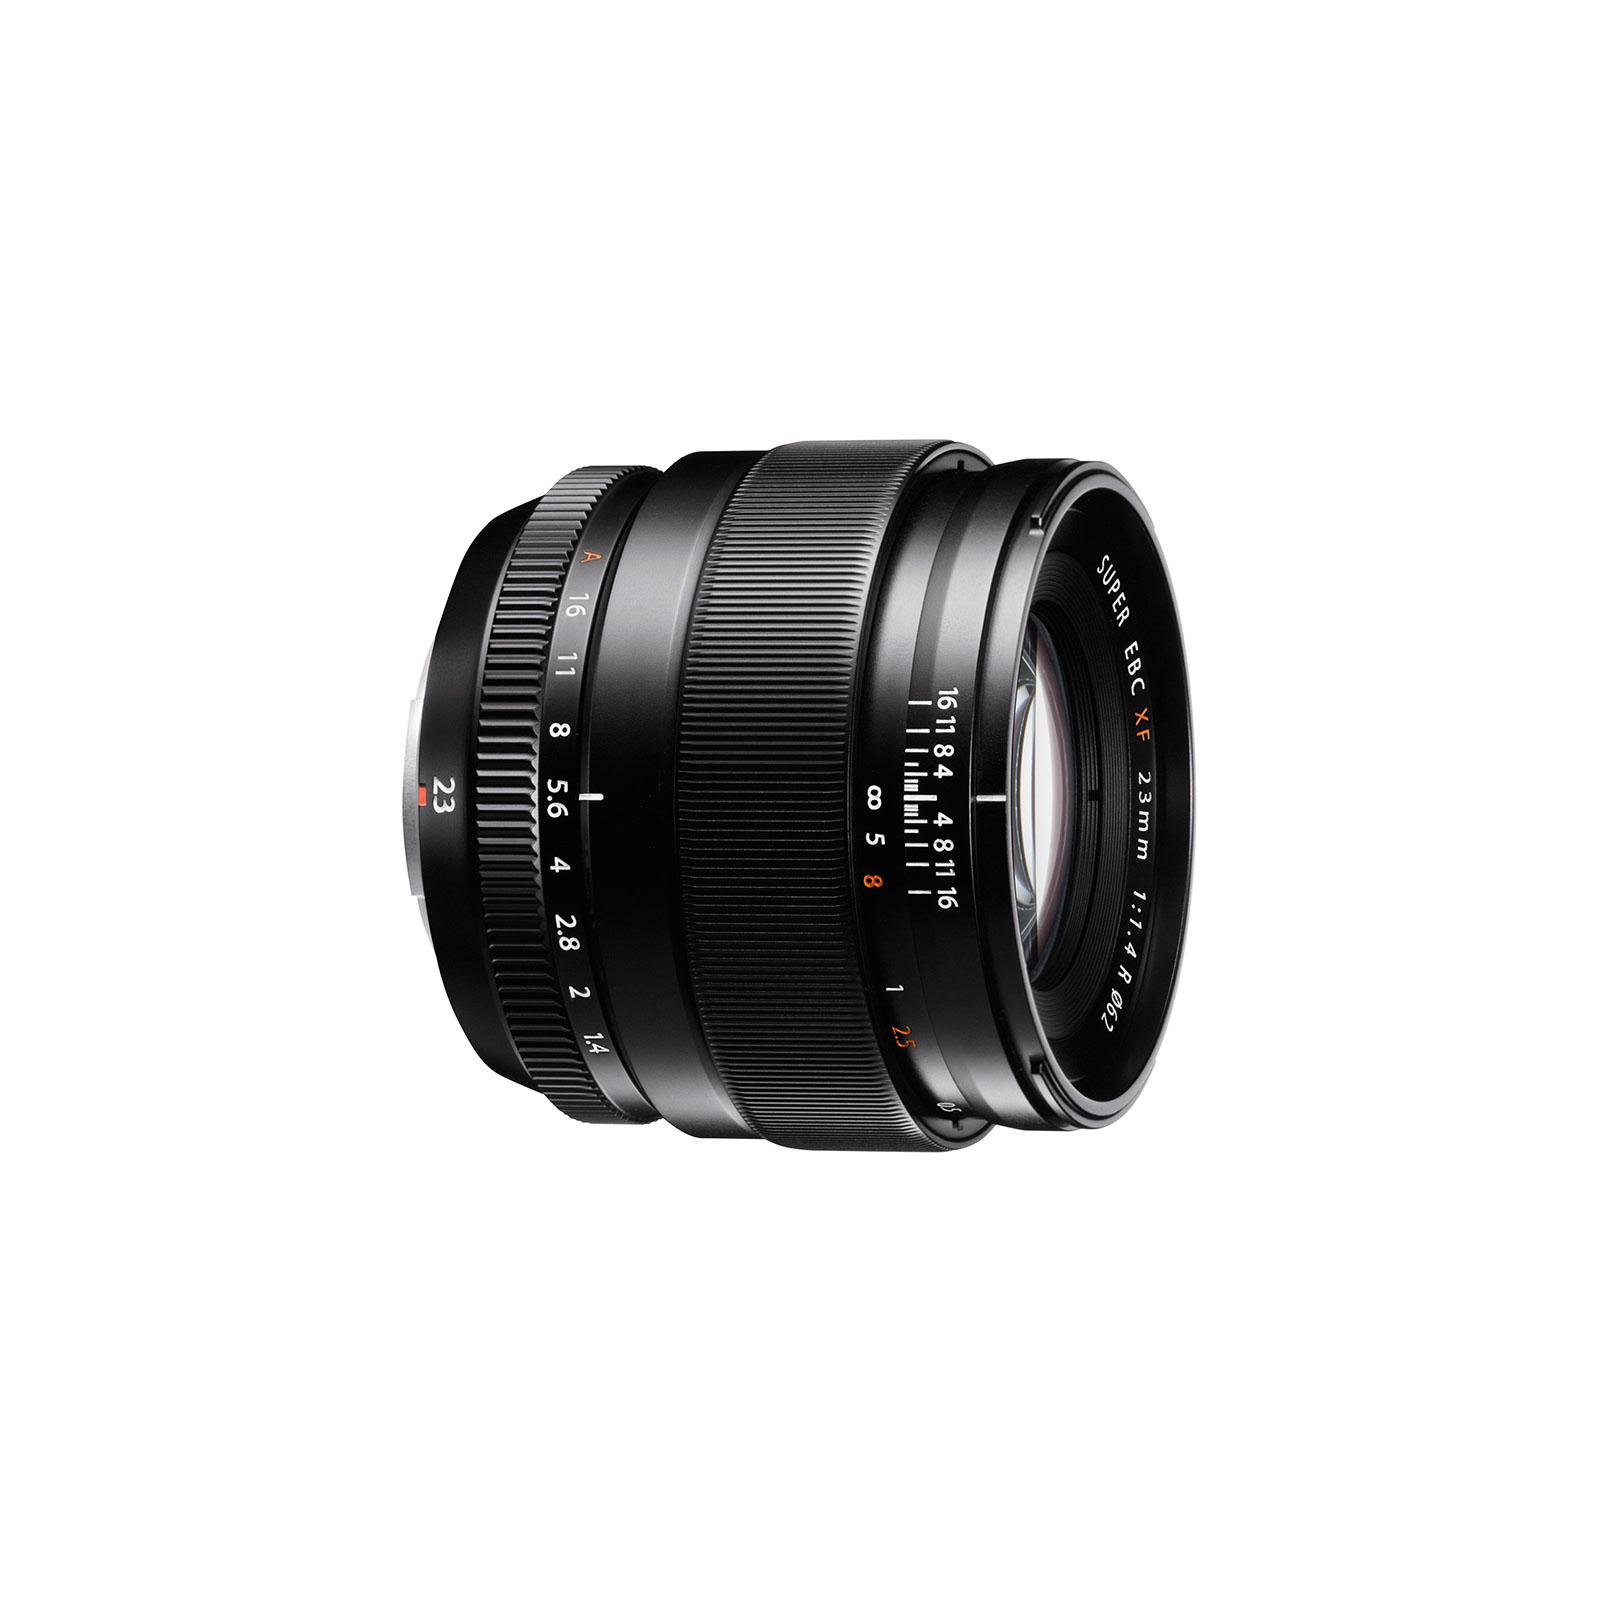 Объектив Fujifilm XF-23mm F1.4 R (16405575) изображение 2